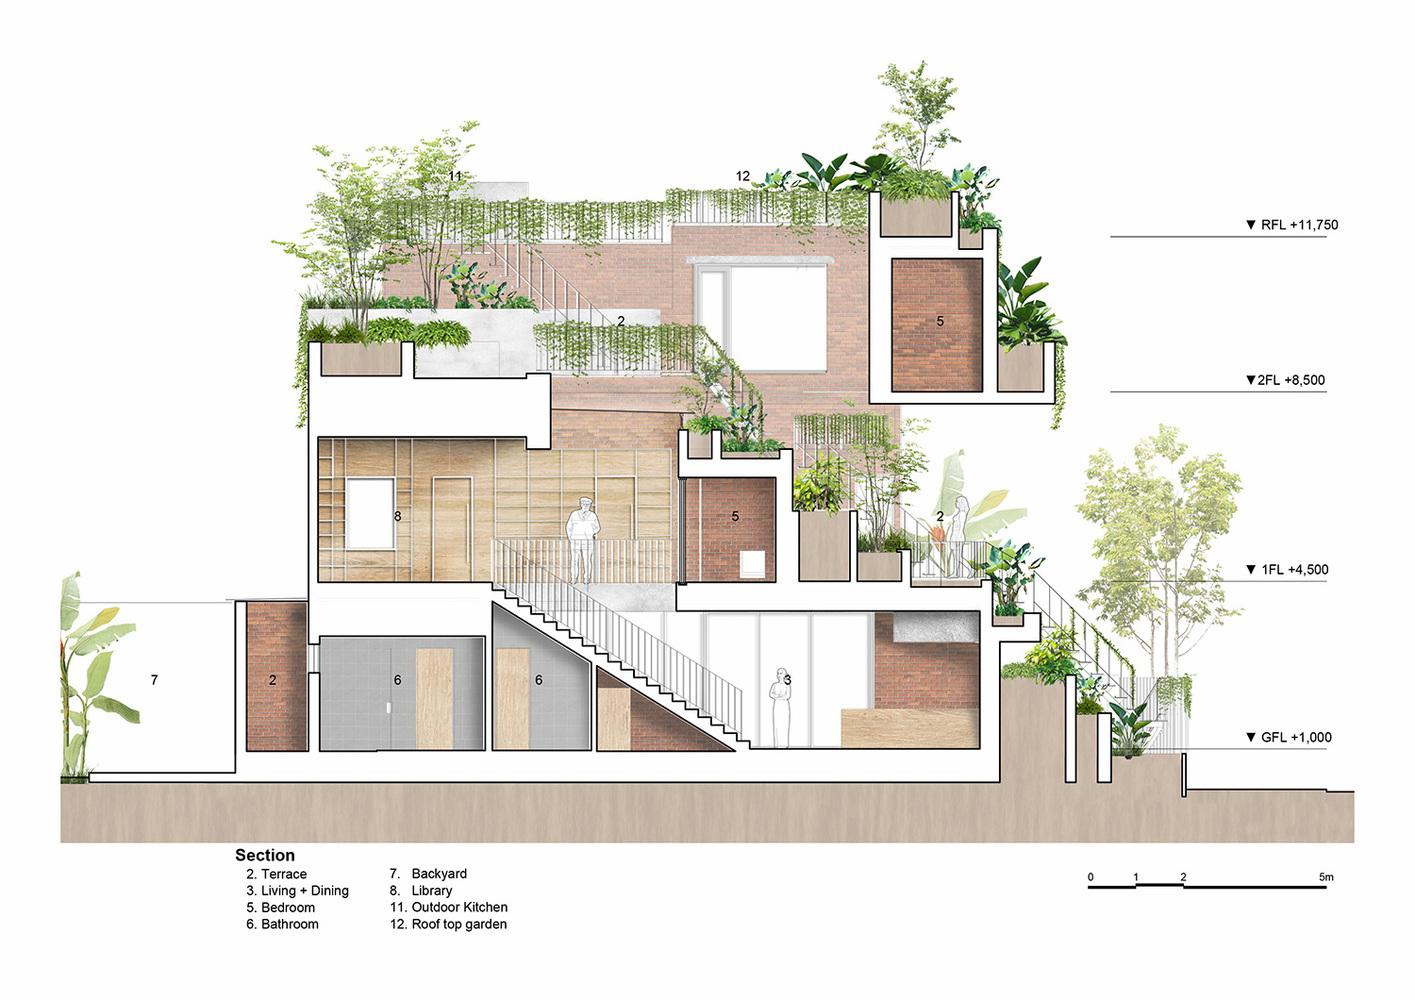 bản vẽ thiết kế hà house